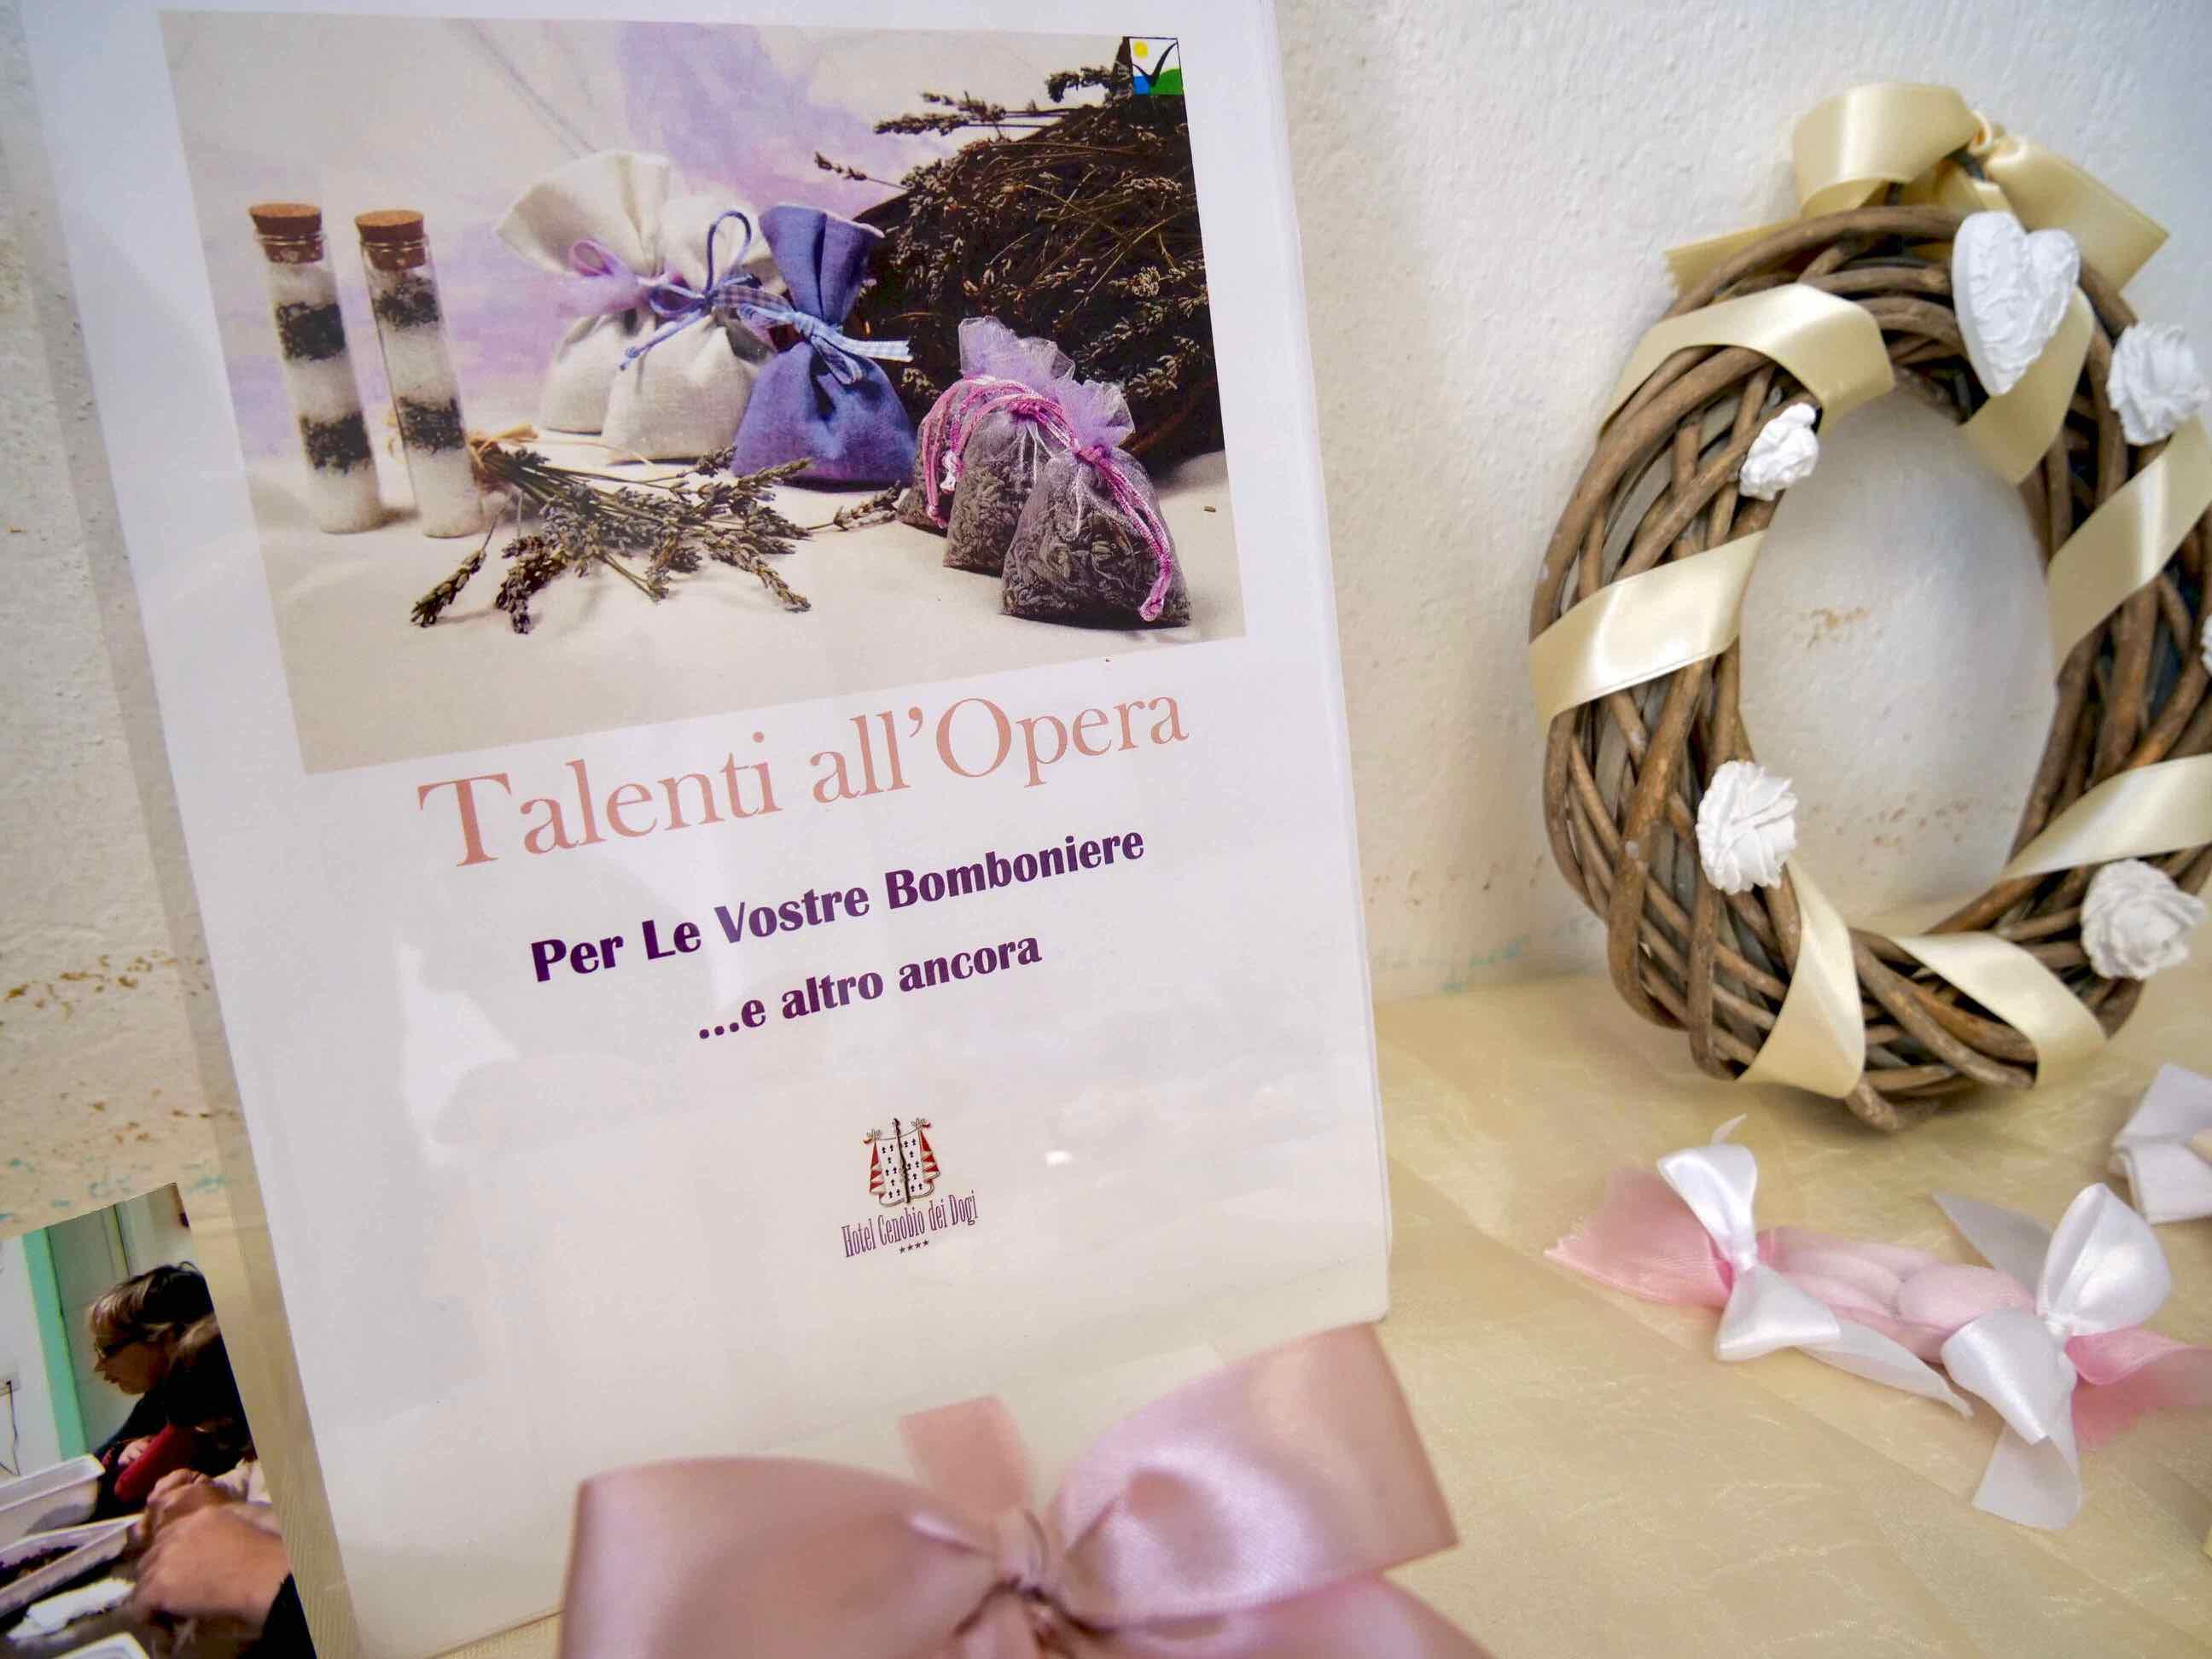 Talenti all'Opera 2019 - 24